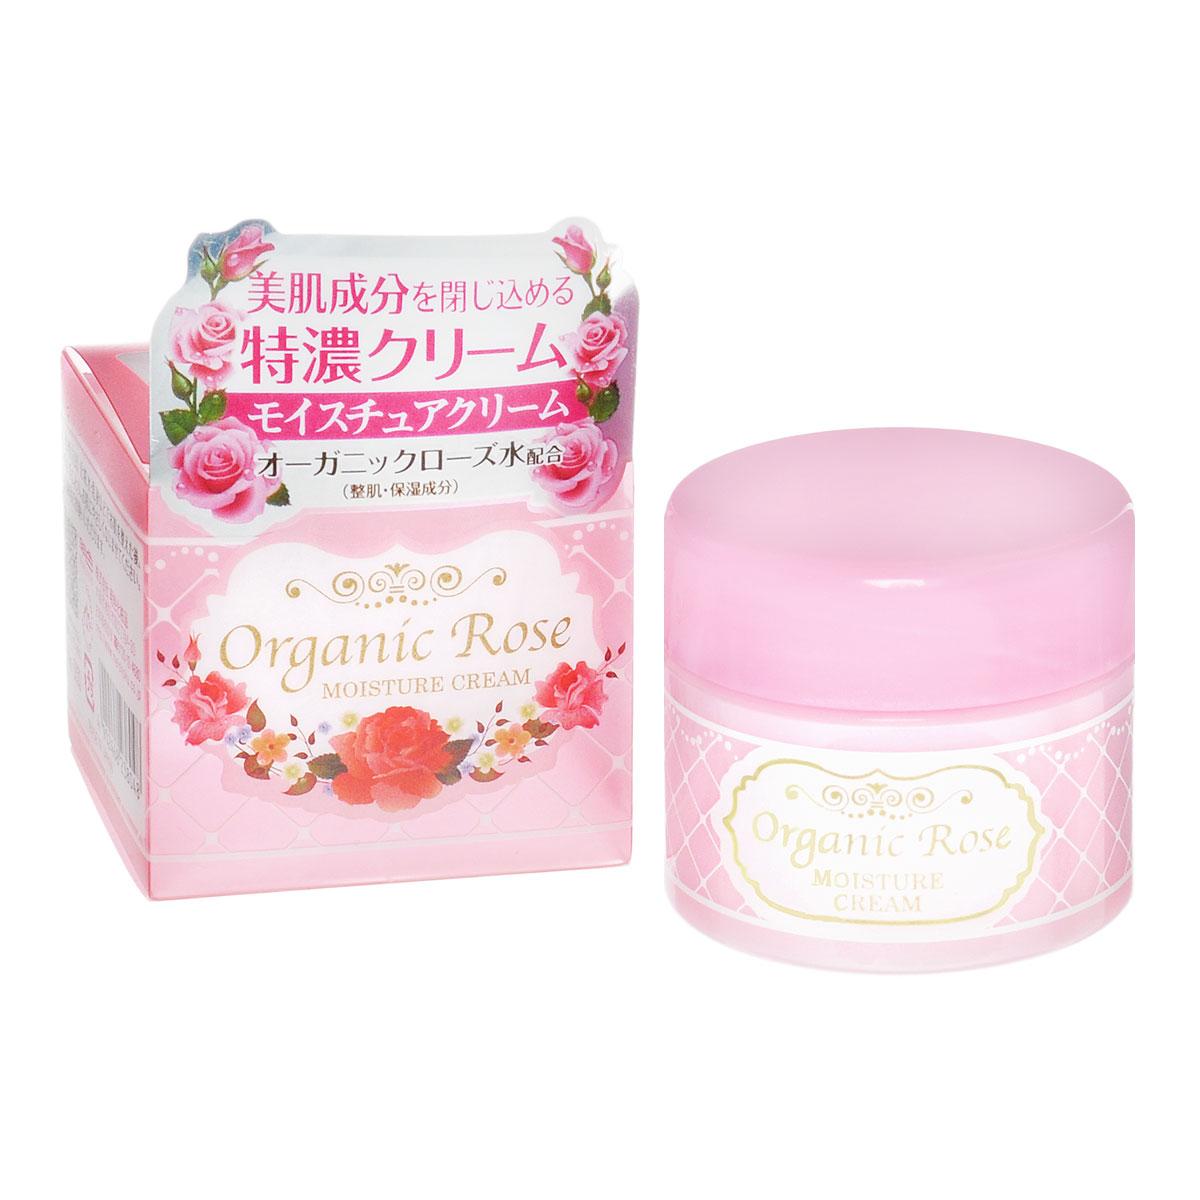 Meishoku Крем для лица Organic Rose, увлажняющий, с экстрактом дамасской розы, 50 г238048Насыщенный увлажняющий крем эффективно защищает кожу от проблем, связанных с сухостью, восстанавливая защитный барьер и создавая невидимую пленку. Делает кожу упругой и эластичной.В состав крема входит экстракт ячменя, удерживающий влагу в коже, масло Ши –защитный компонент, а также цветочную воду дамасской розы - компонент, нормализующий состояние кожи.Экстракт дамасской розы освежает и тонизирует уставшую кожу, насыщает ее витаминами. Товар сертифицирован.